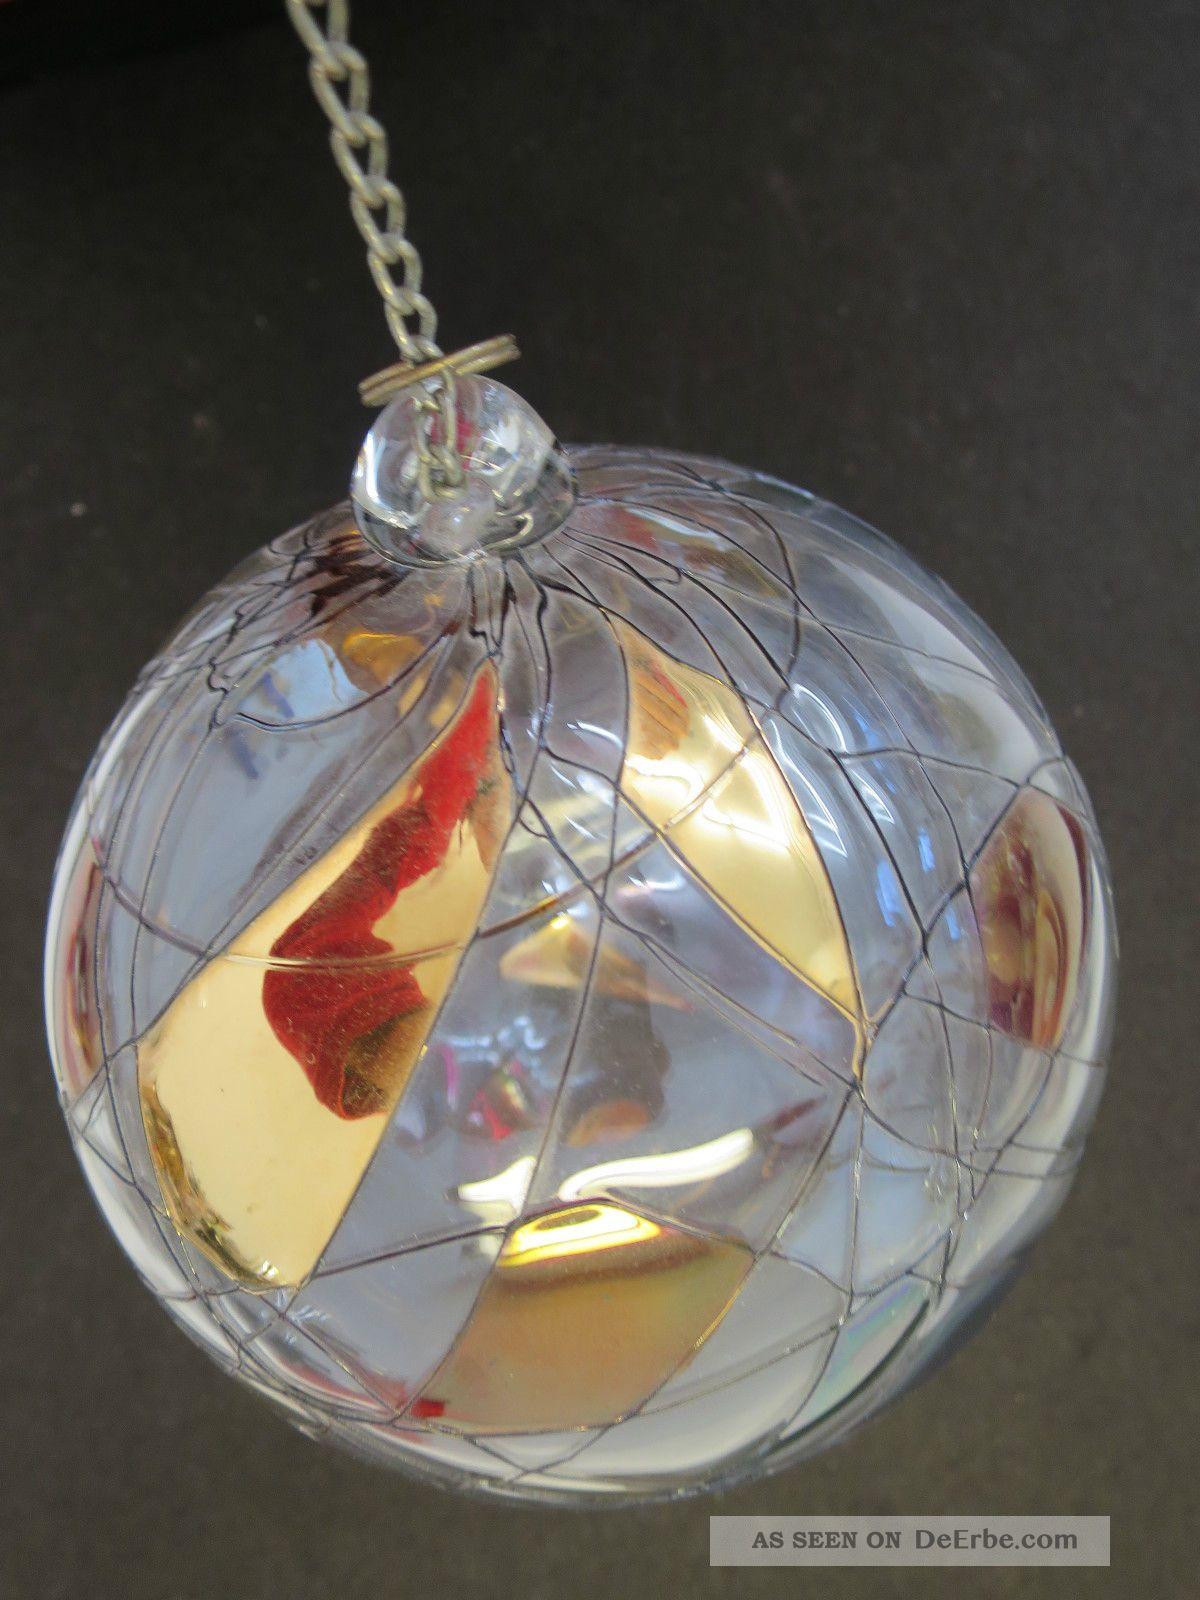 Ae4 Dekokugel Dekoration Glas Kugel Mit